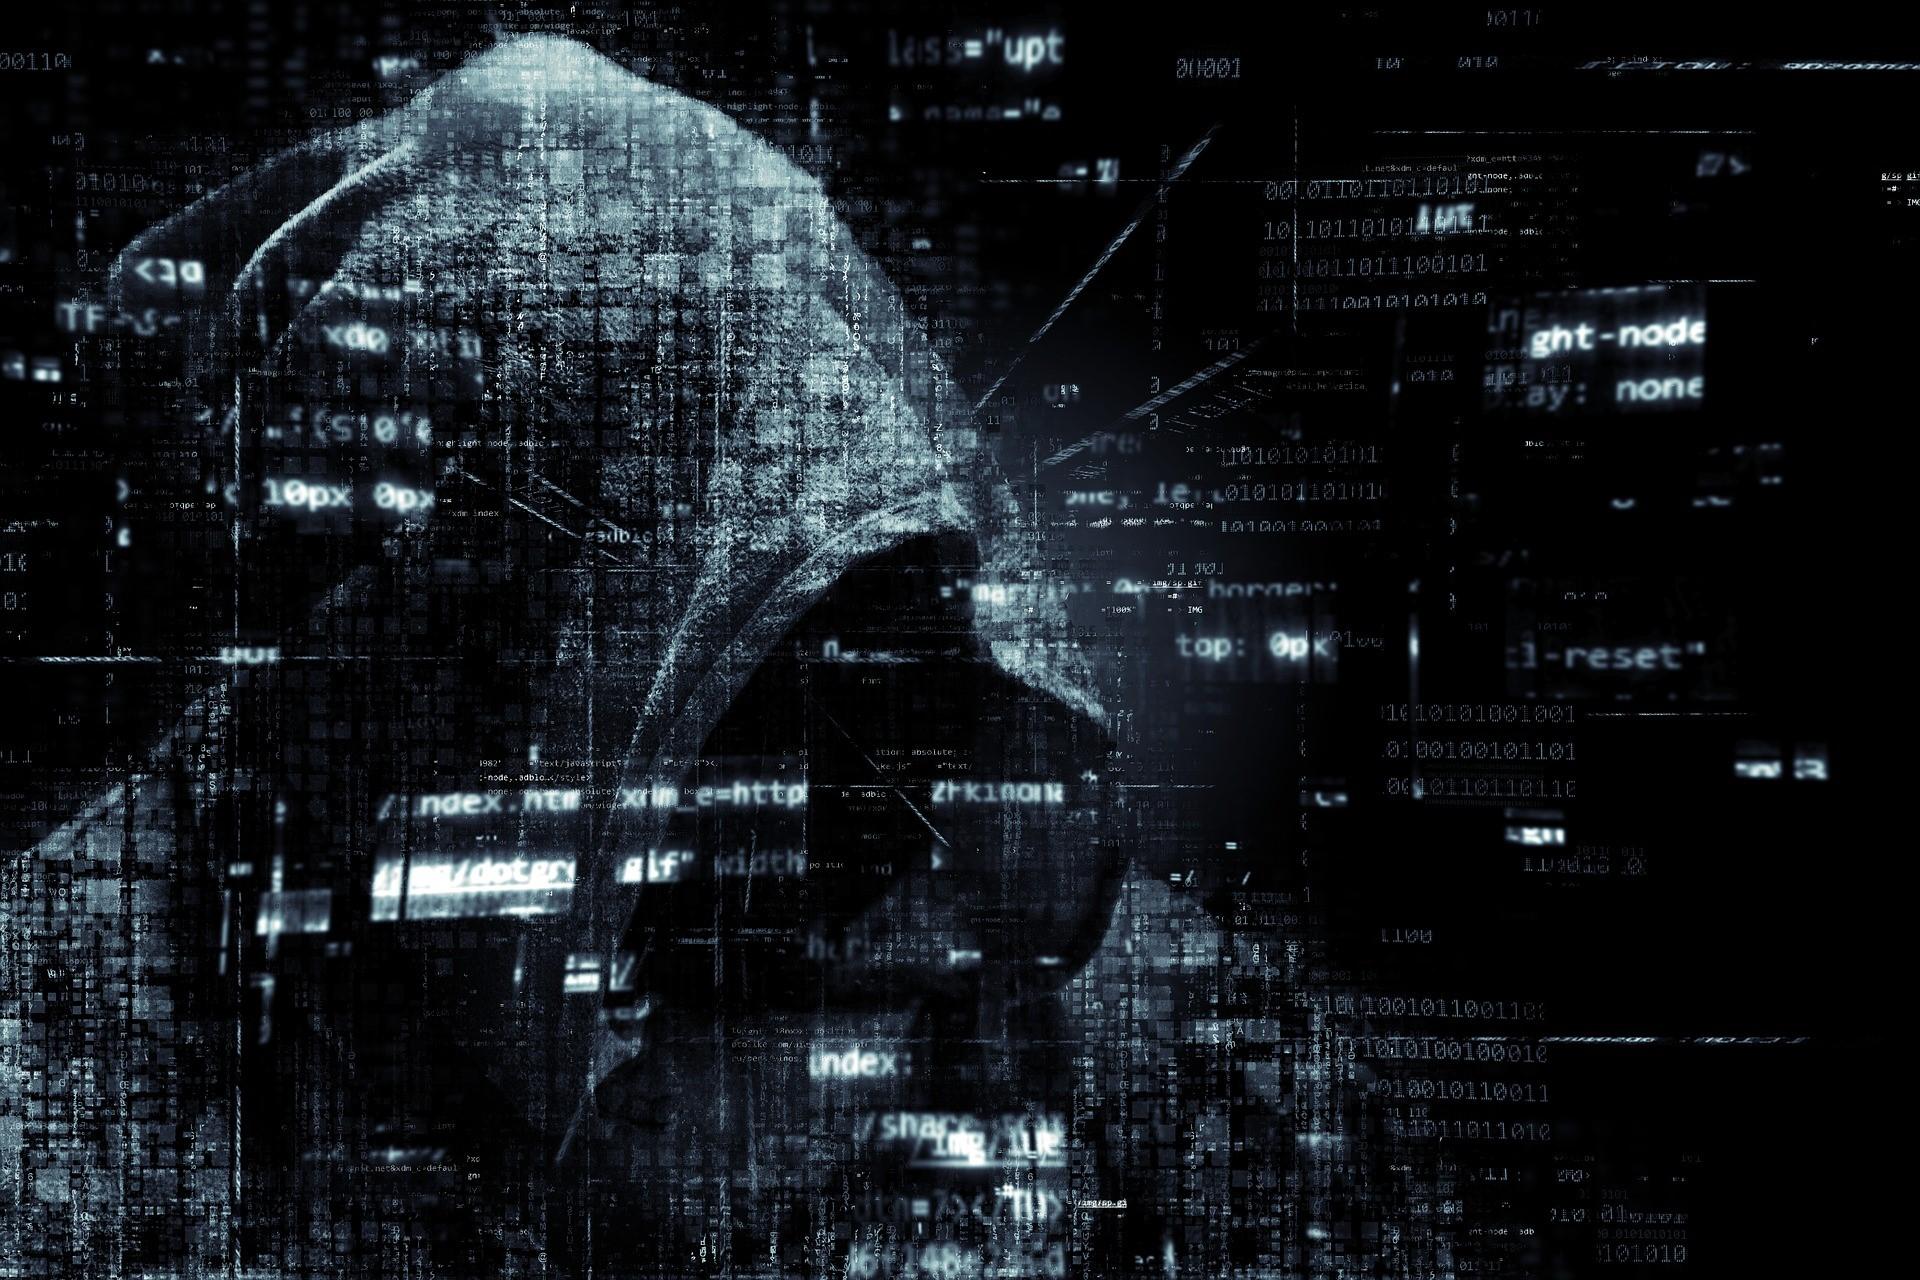 потенциал в кибердиверсиях достаточно серьёзный - newssky.com.ua